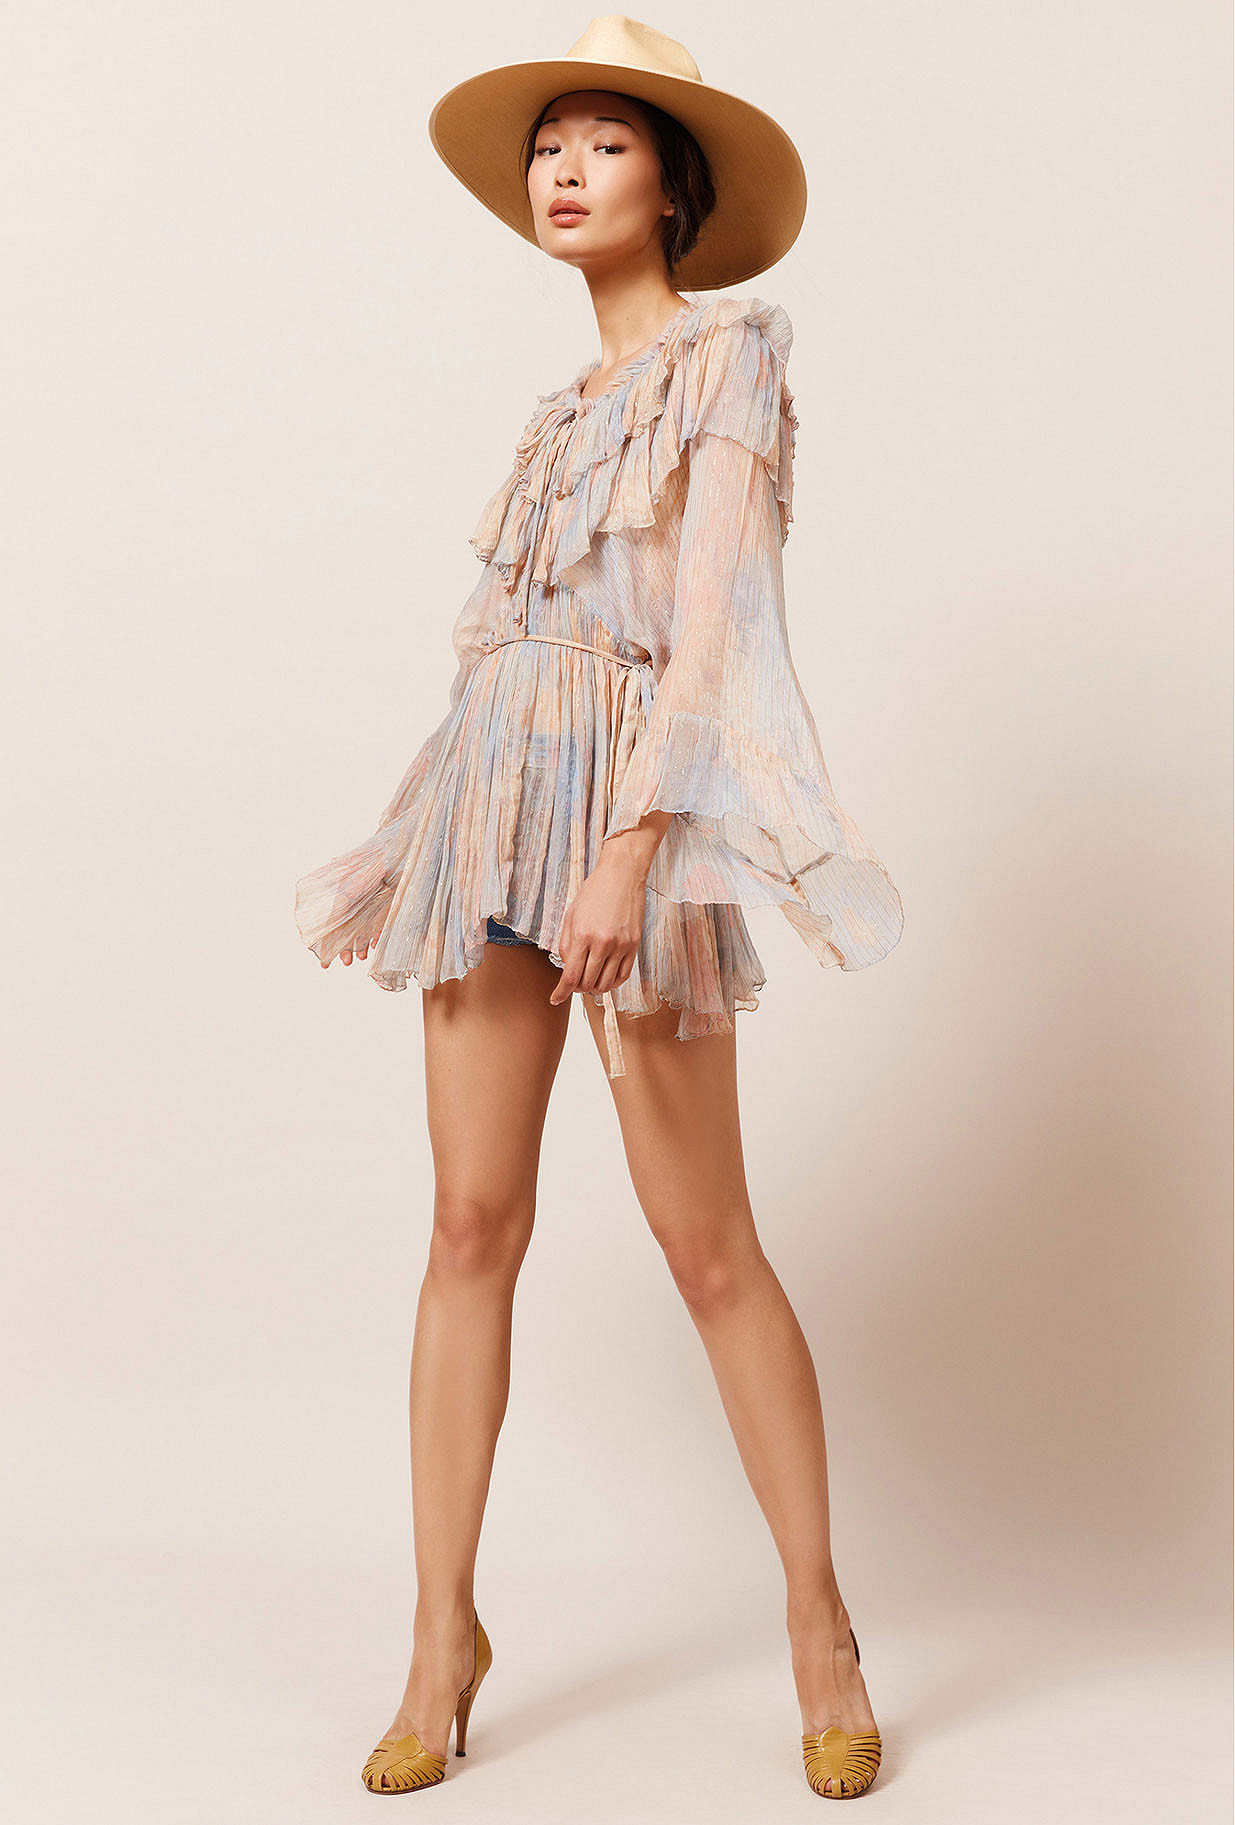 Paris boutique de mode vêtement Blouse créateur bohème Pivoine